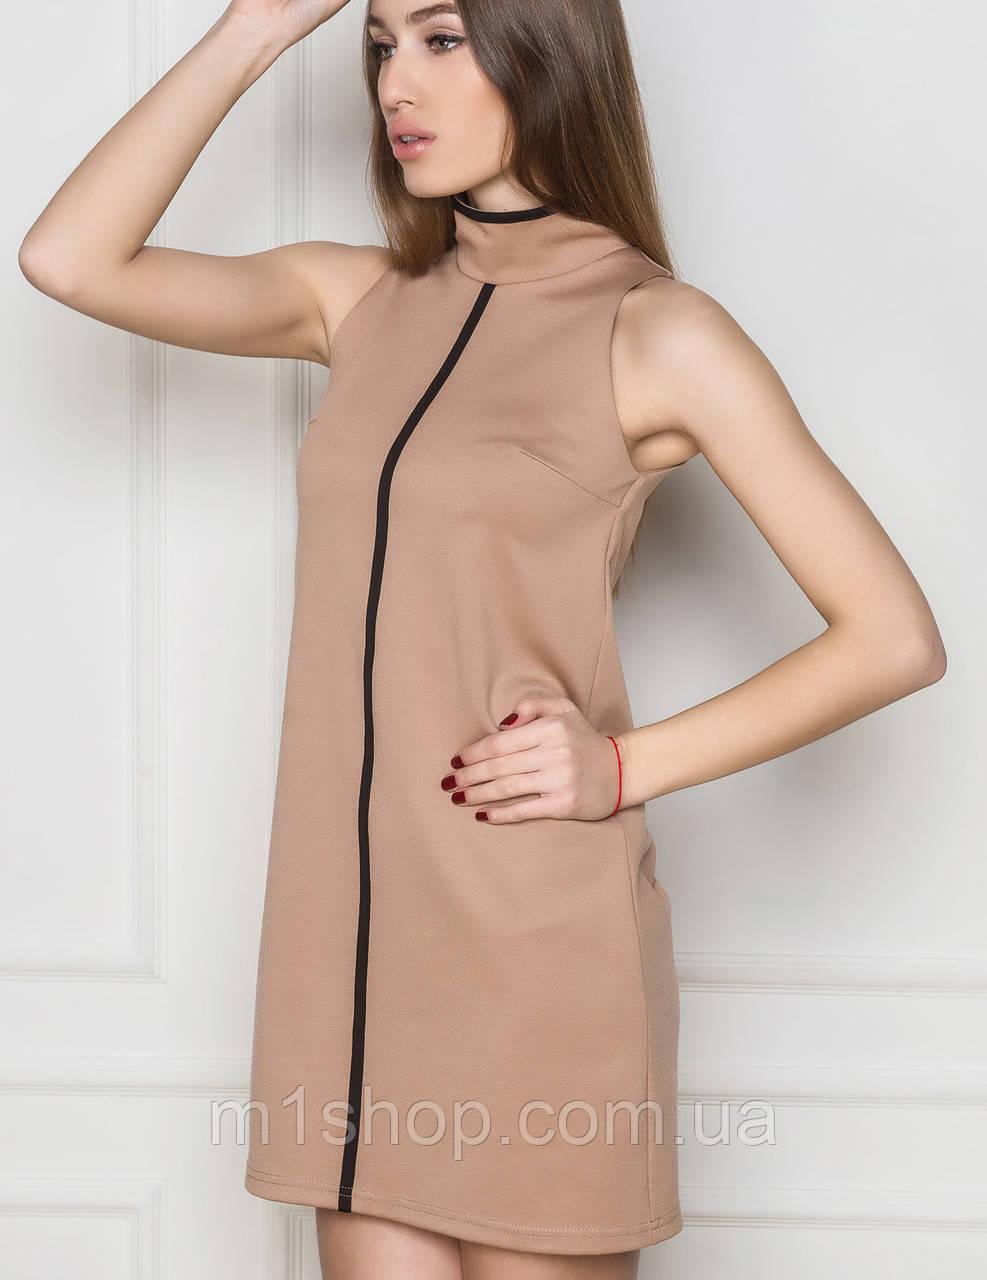 Платье без рукавов | 2160 sk